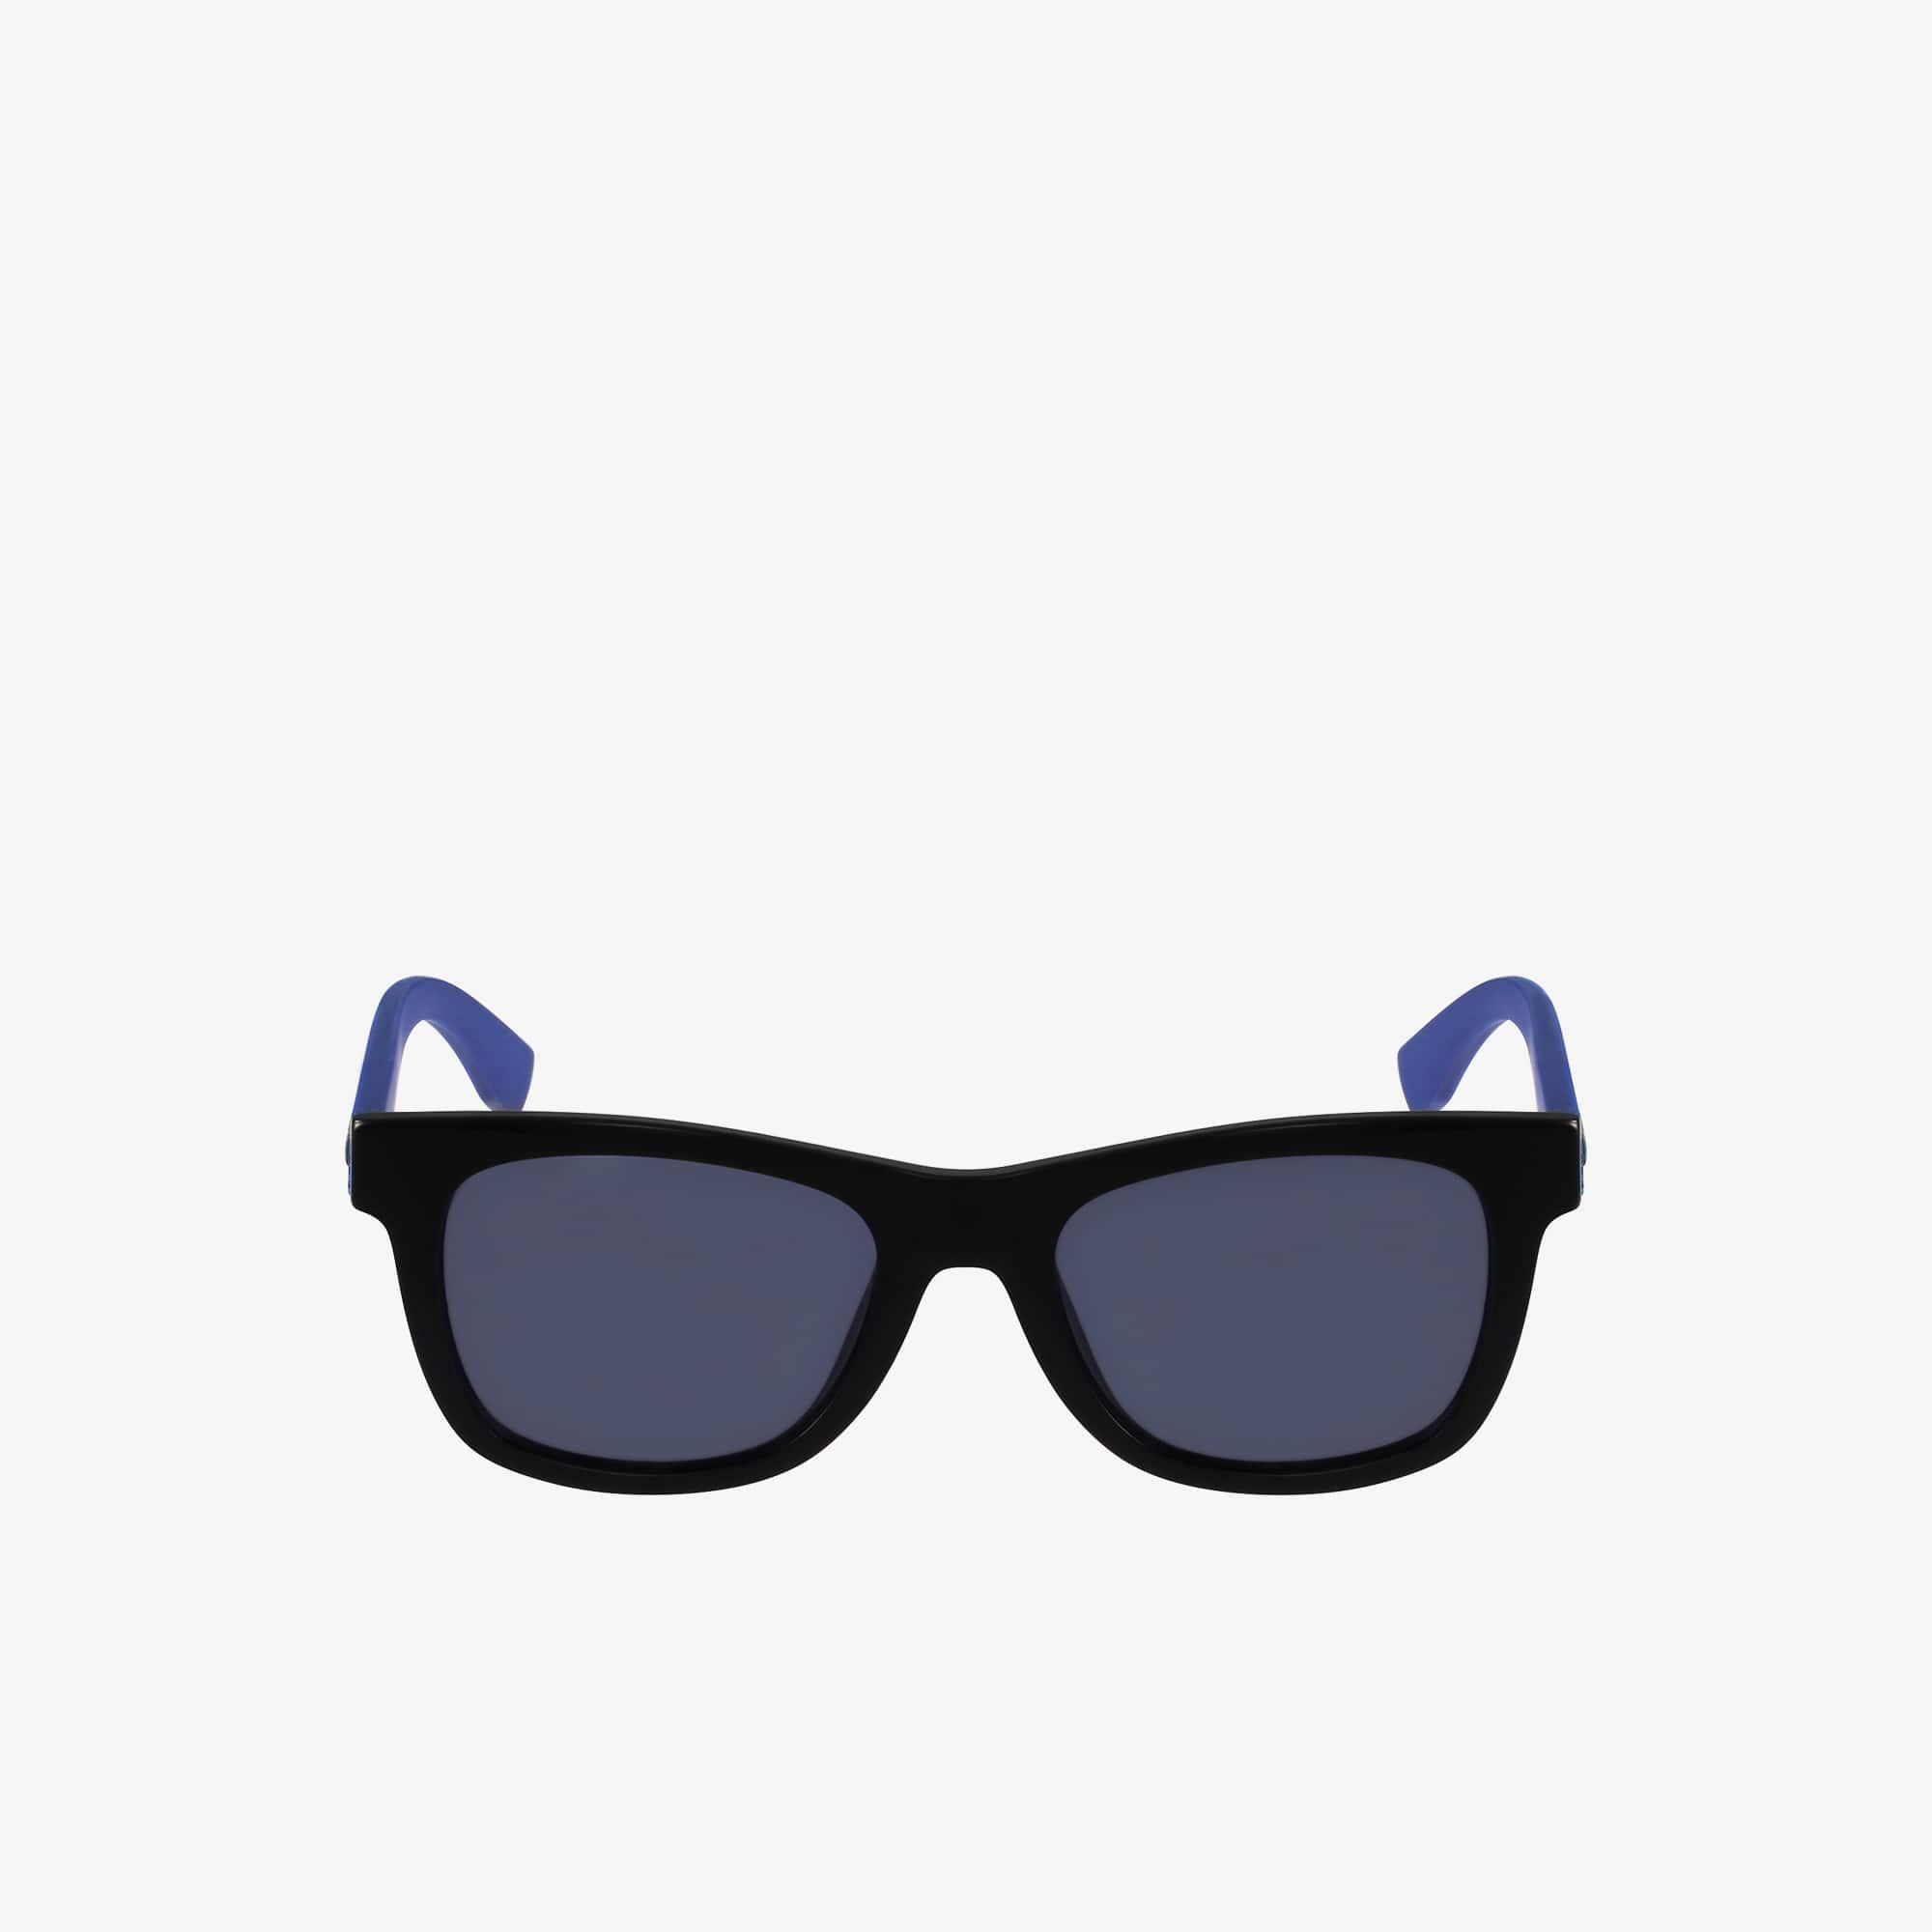 Gafas De Sol De Mujer L.12.12 T(W)Eens